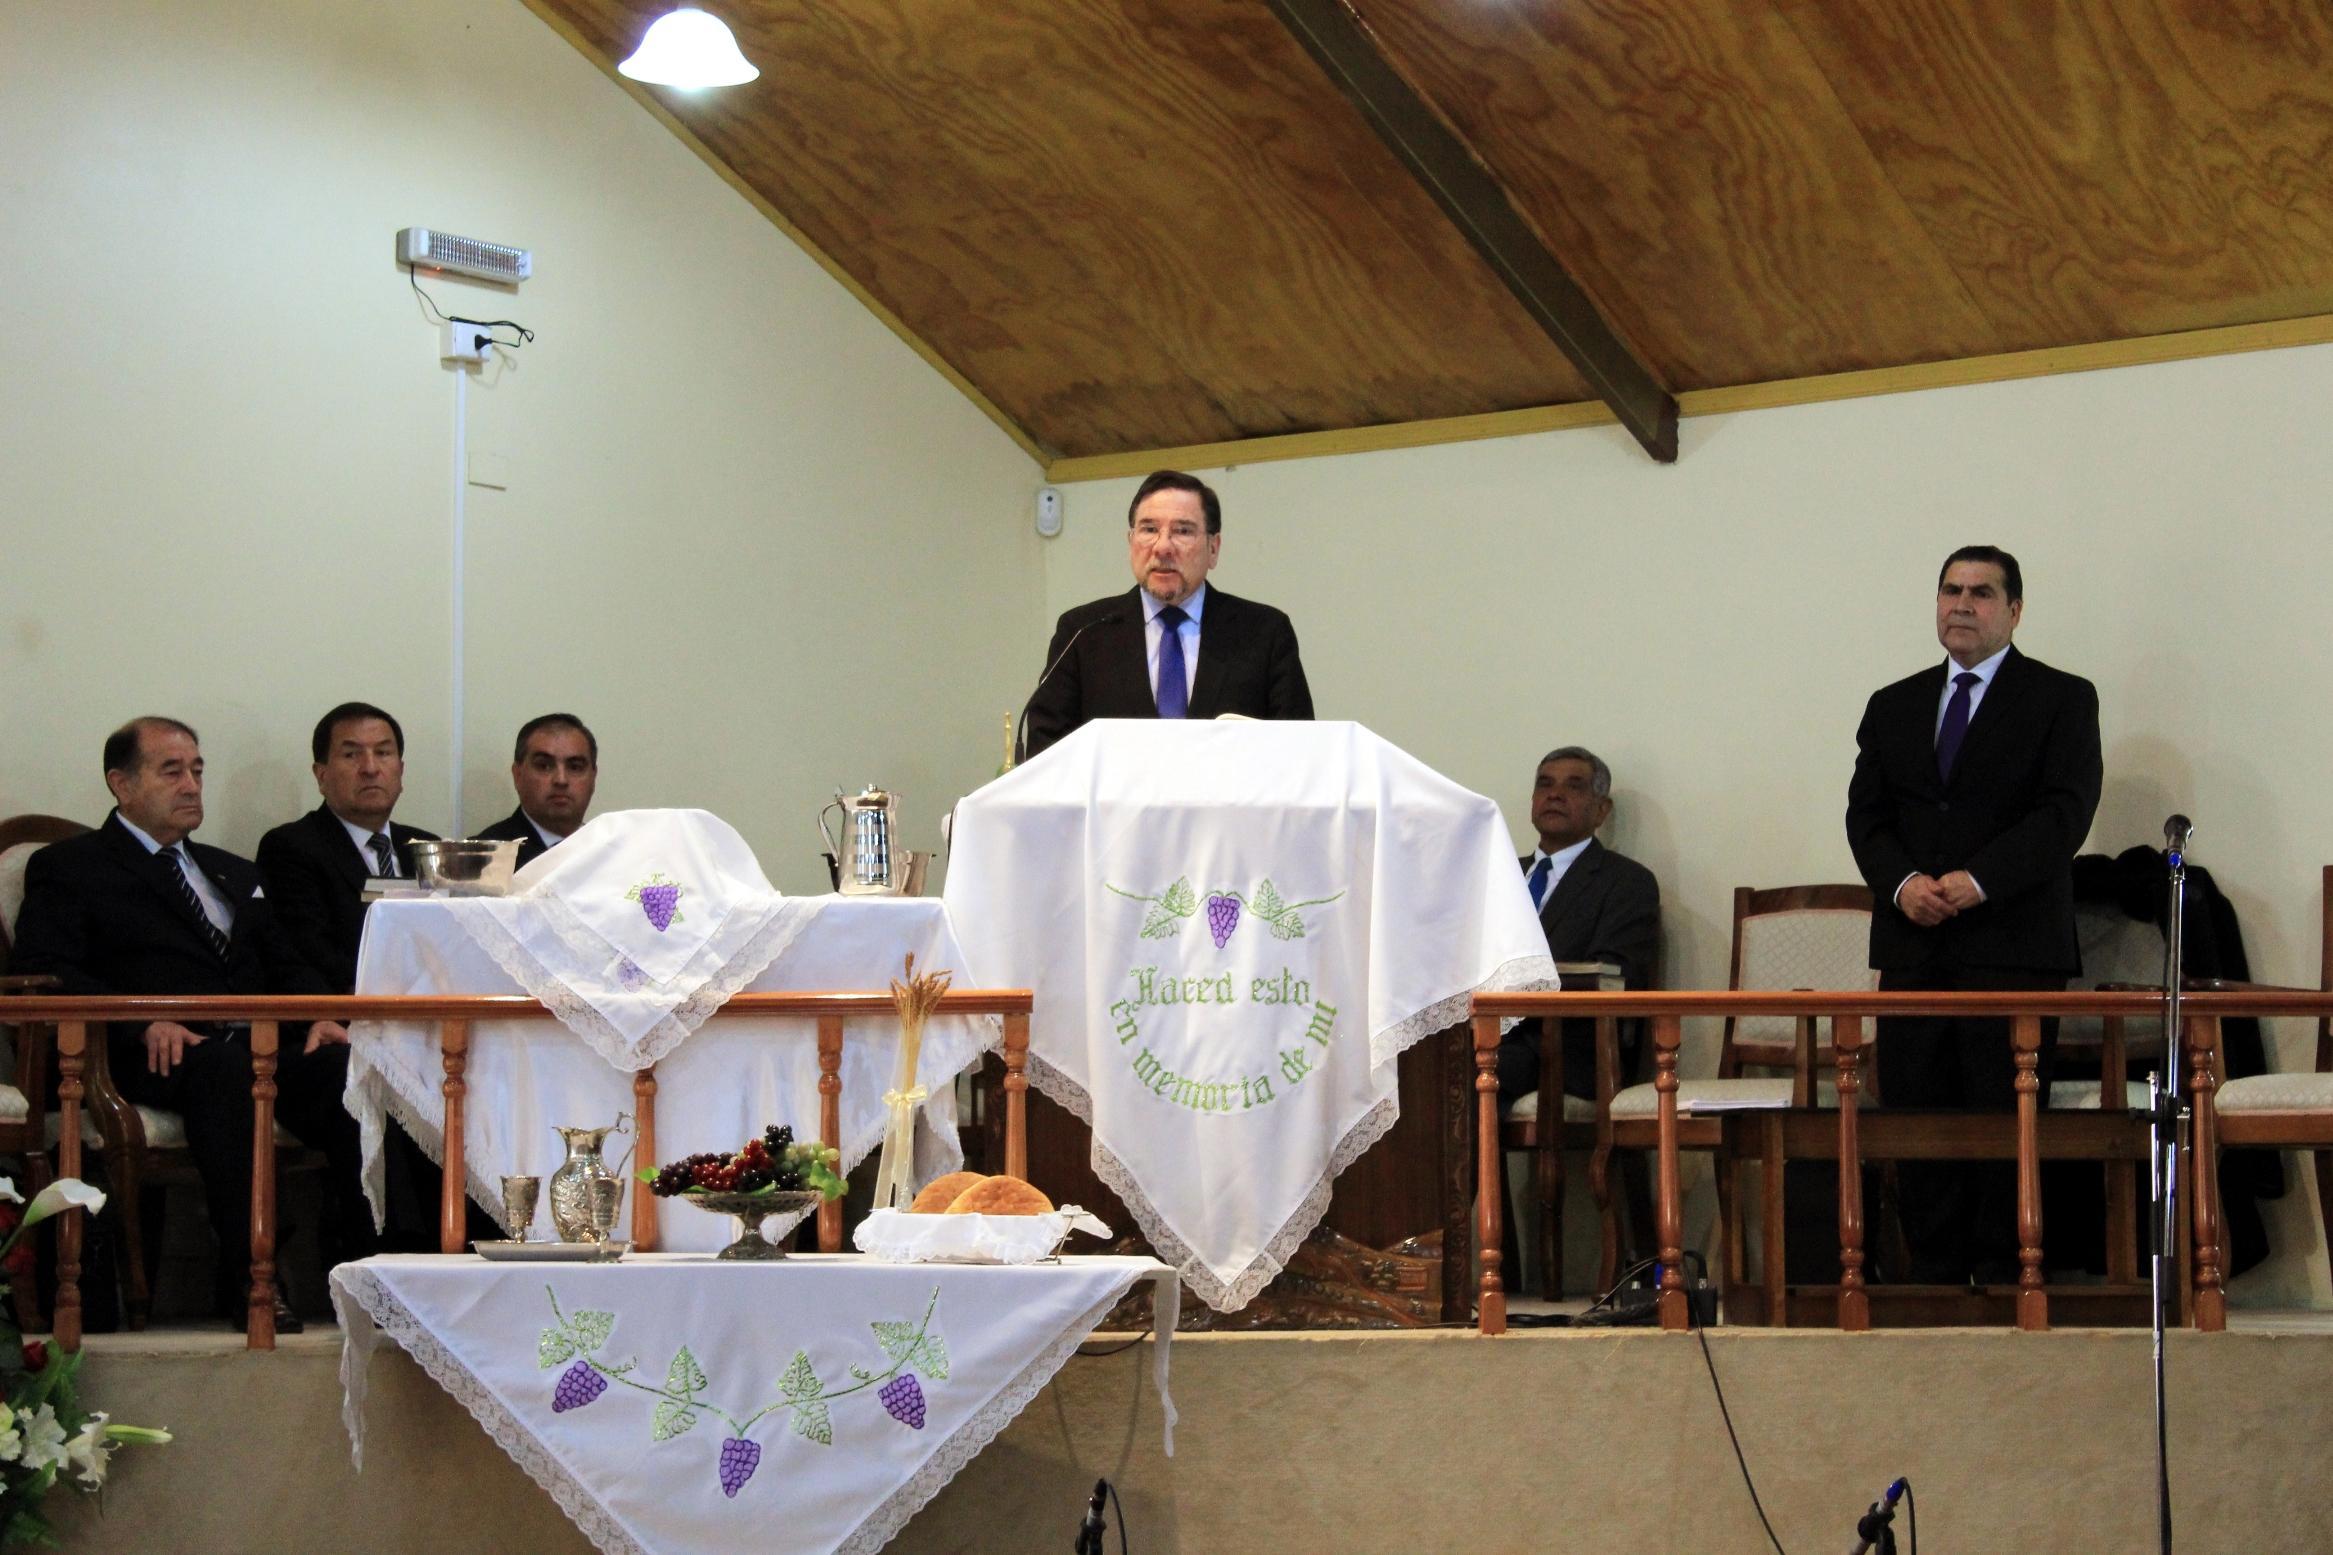 Santa Cena: Renovándose en memoria de Jesús